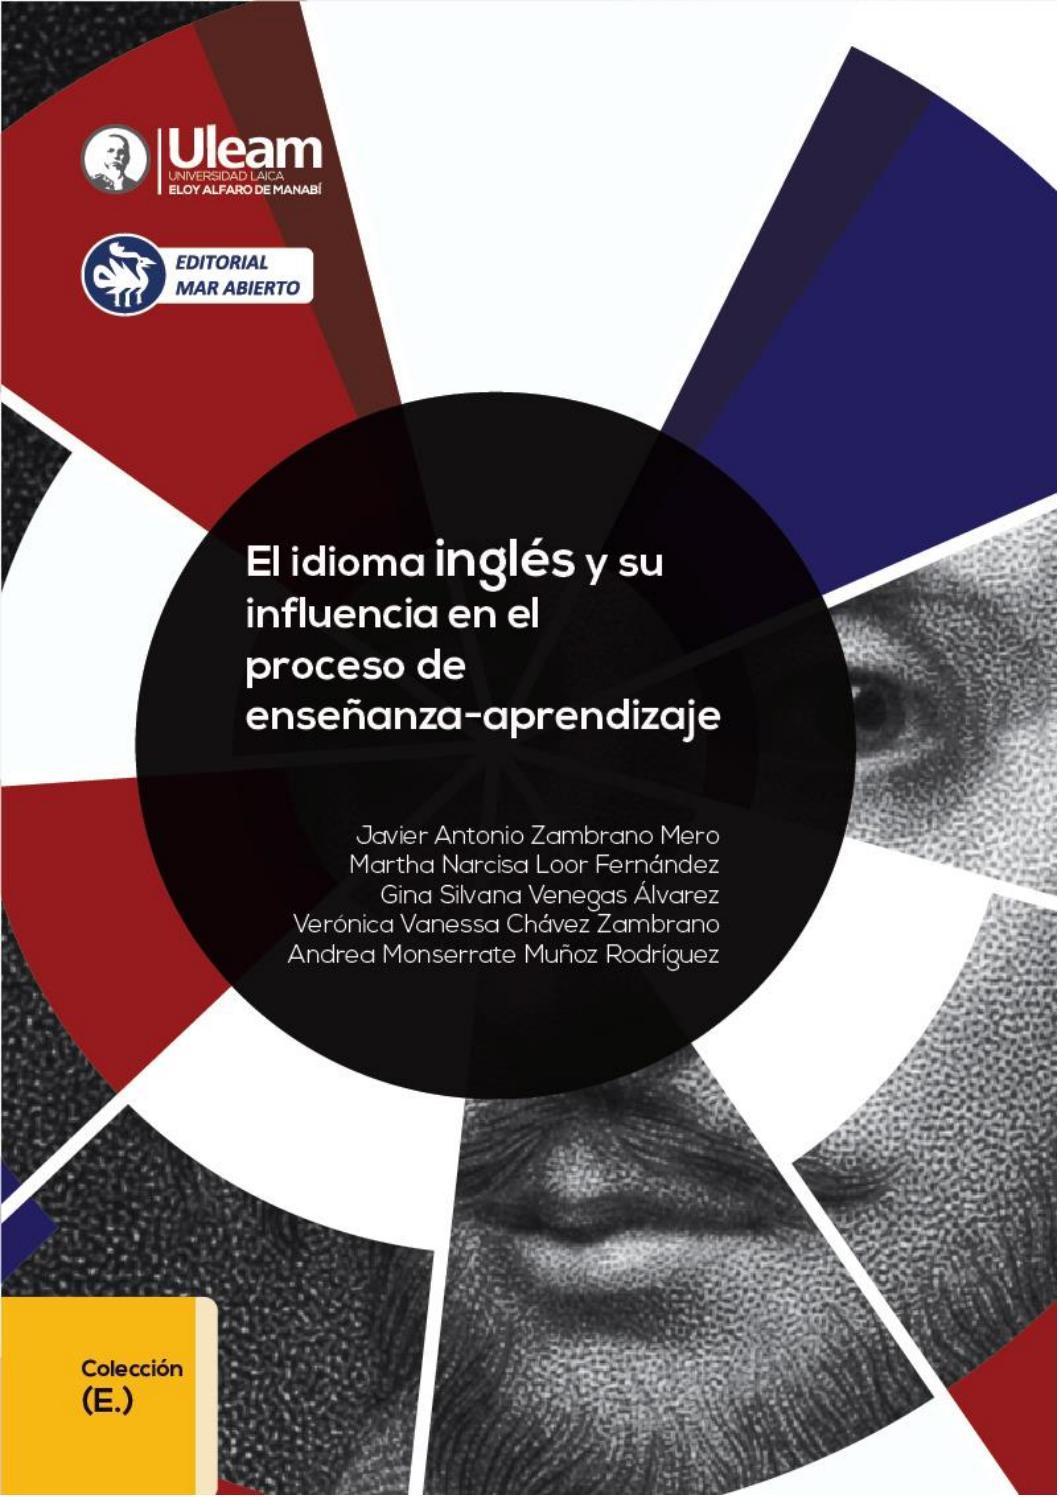 El Idioma Inglés Y Su Influencia En El Proceso De Enseñanza Aprendizaje By Editorial Mar Abierto Issuu